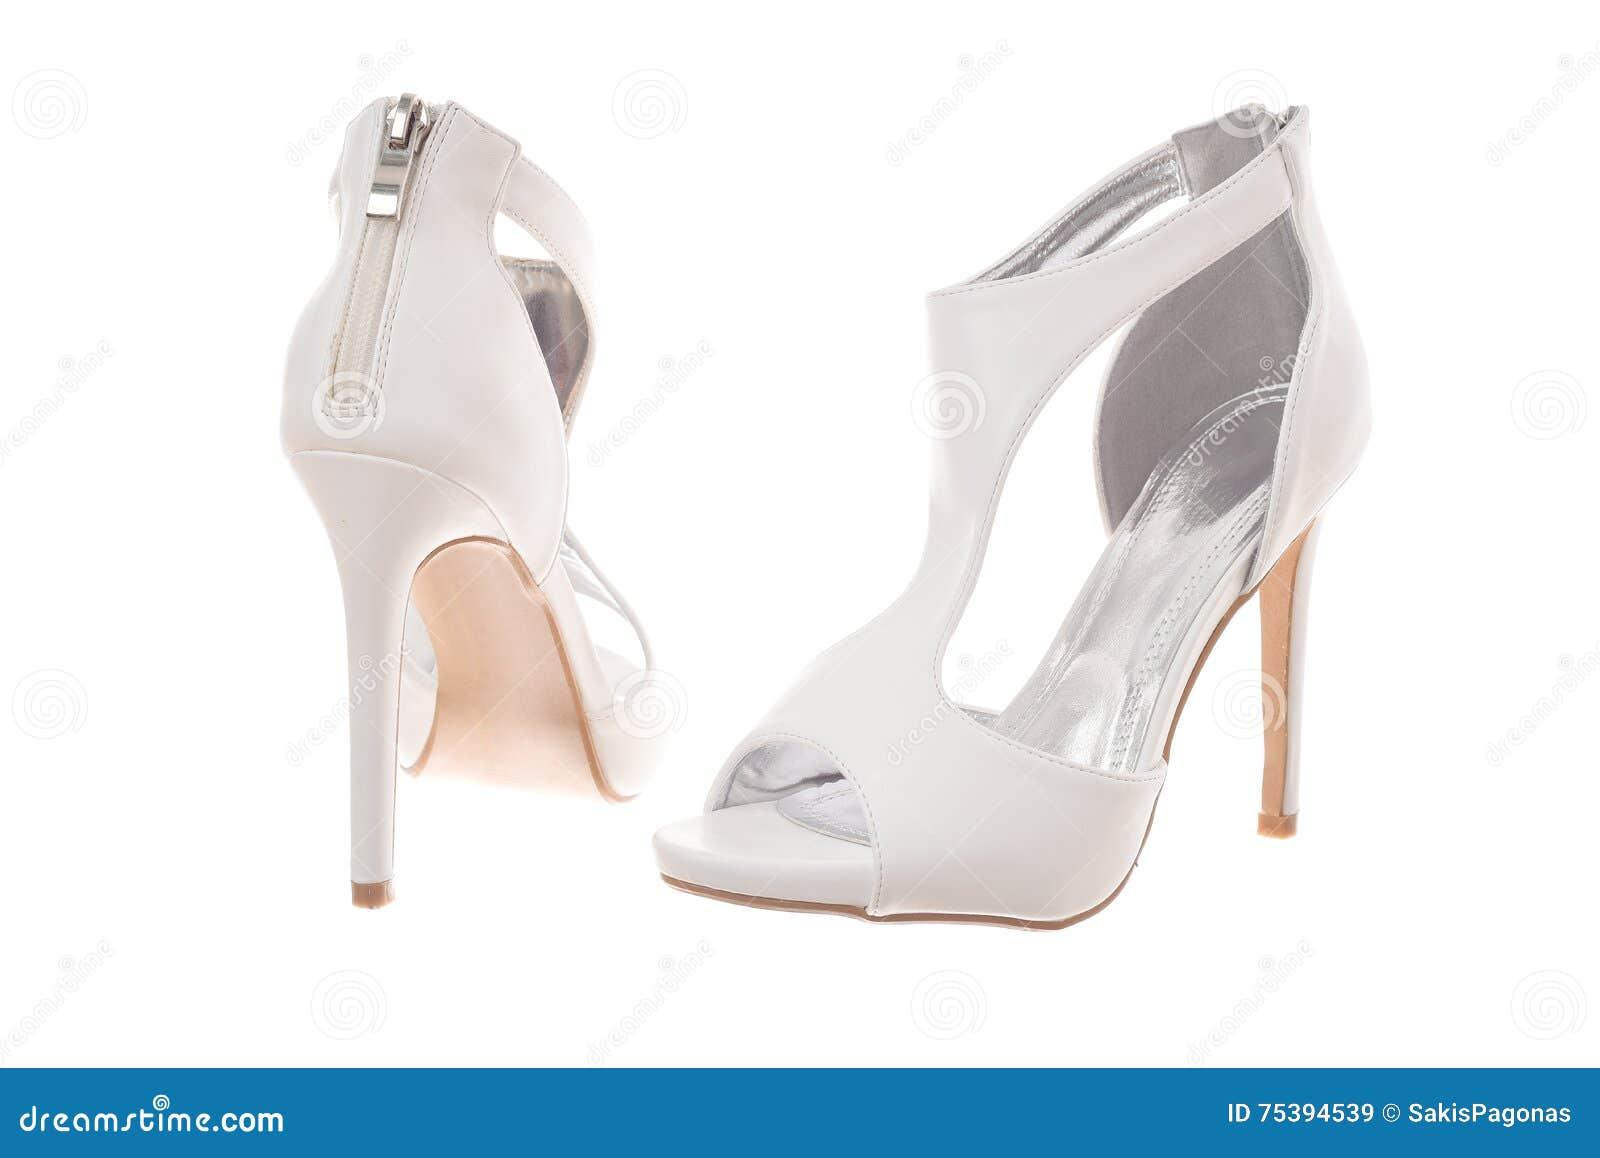 e97d4a0ec716 Pares De Zapatos Blancos De La Mujer Del Tacón Alto Imagen de ...